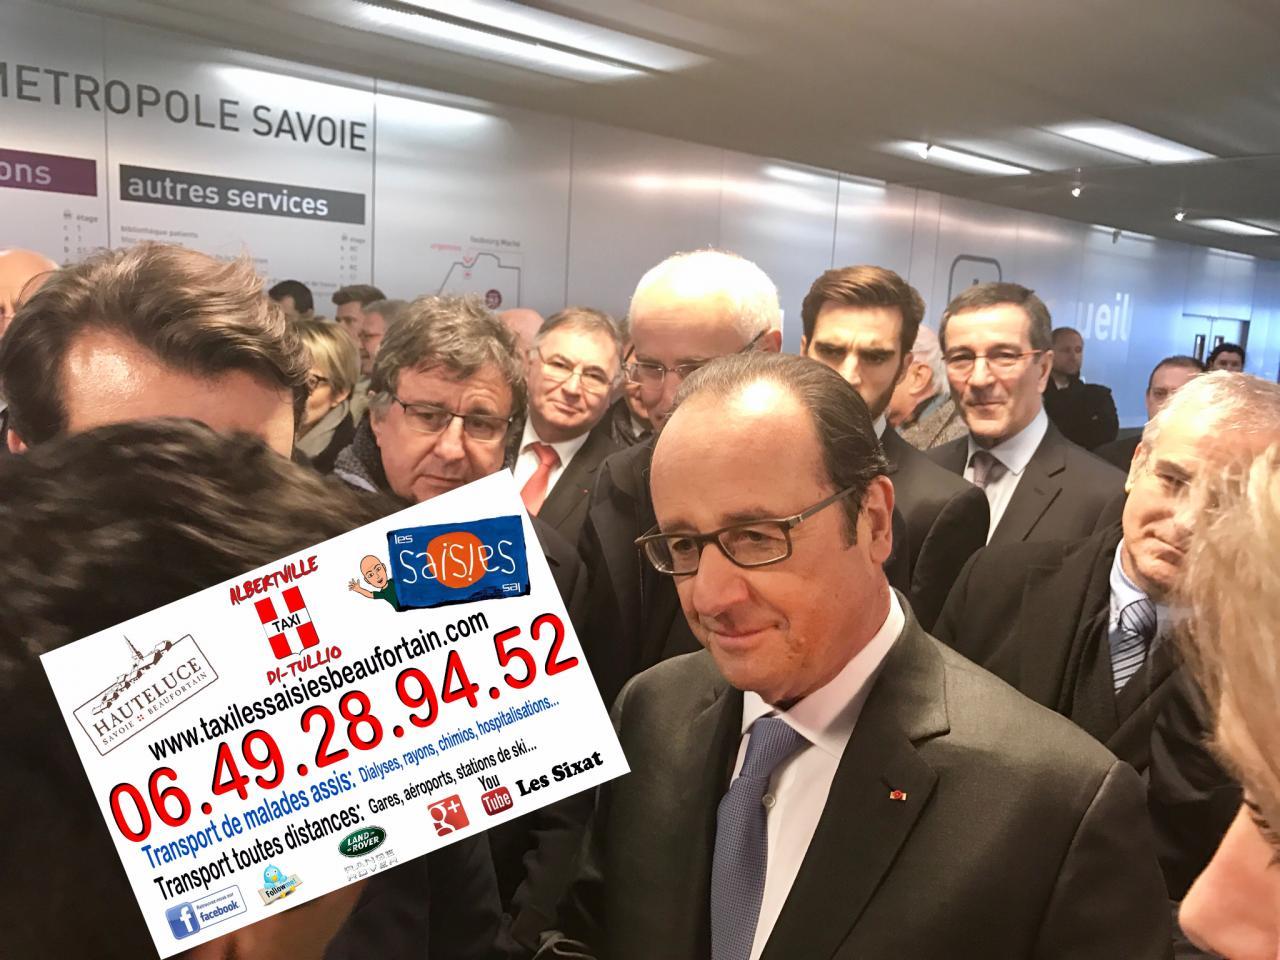 Taxi Albertville Di Tullio et François Hollande en visite à l'hôpital de Chambéry.